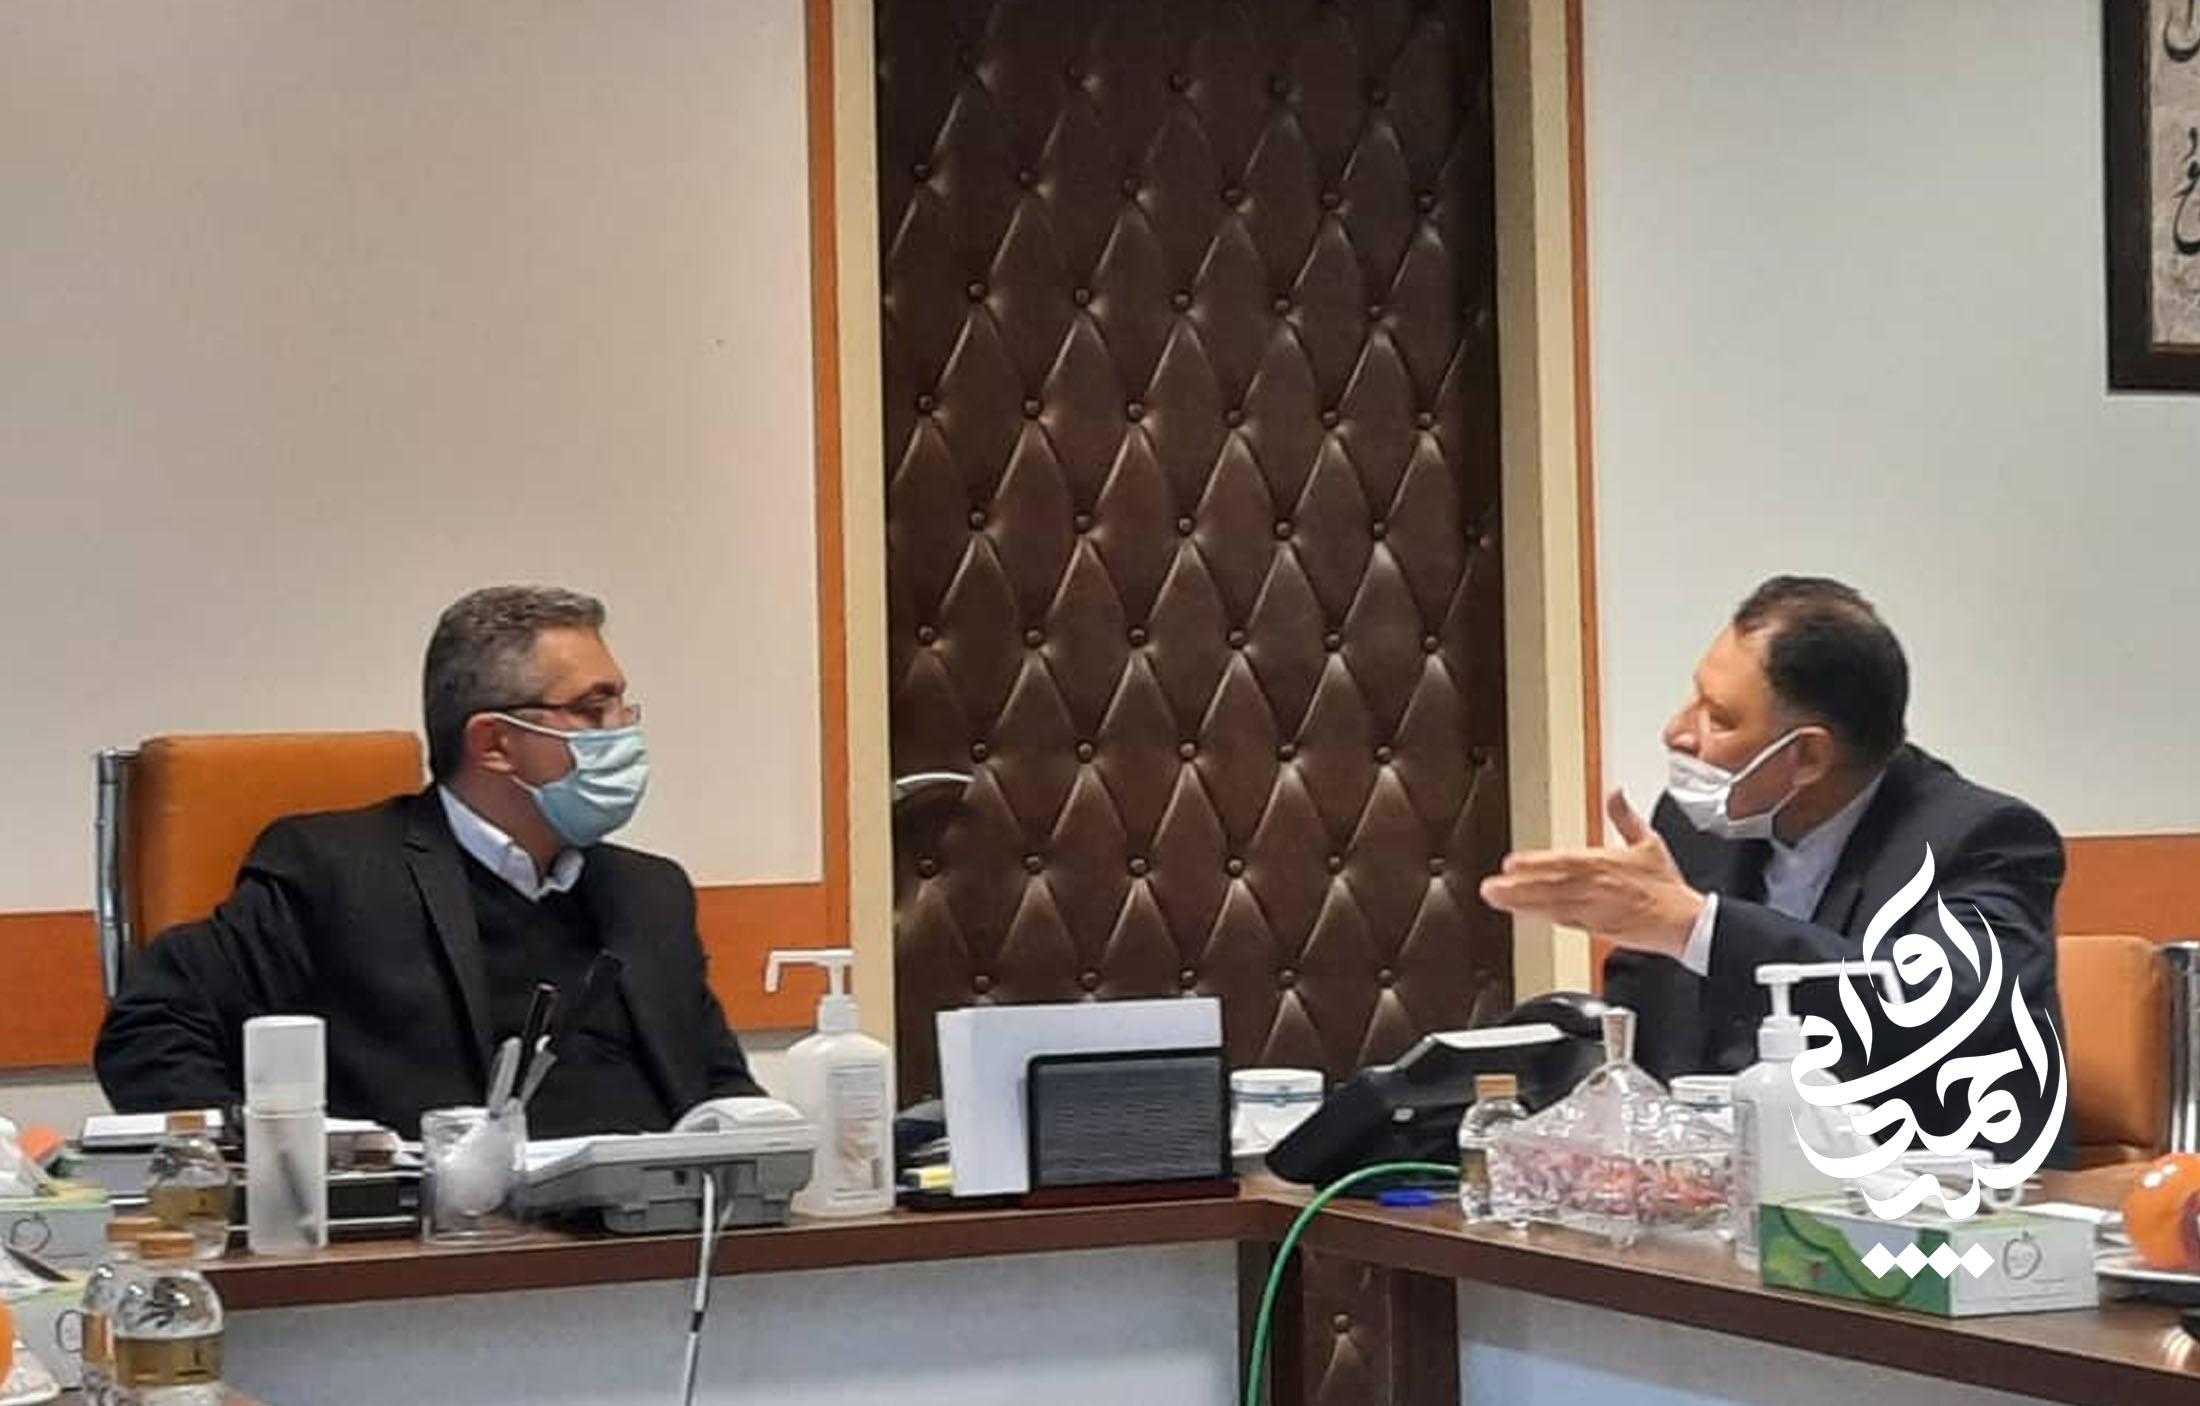 آوایی از تجهیز مجتمع درمانی حضرت زینب (س) شهرستان دزفول خبر داد